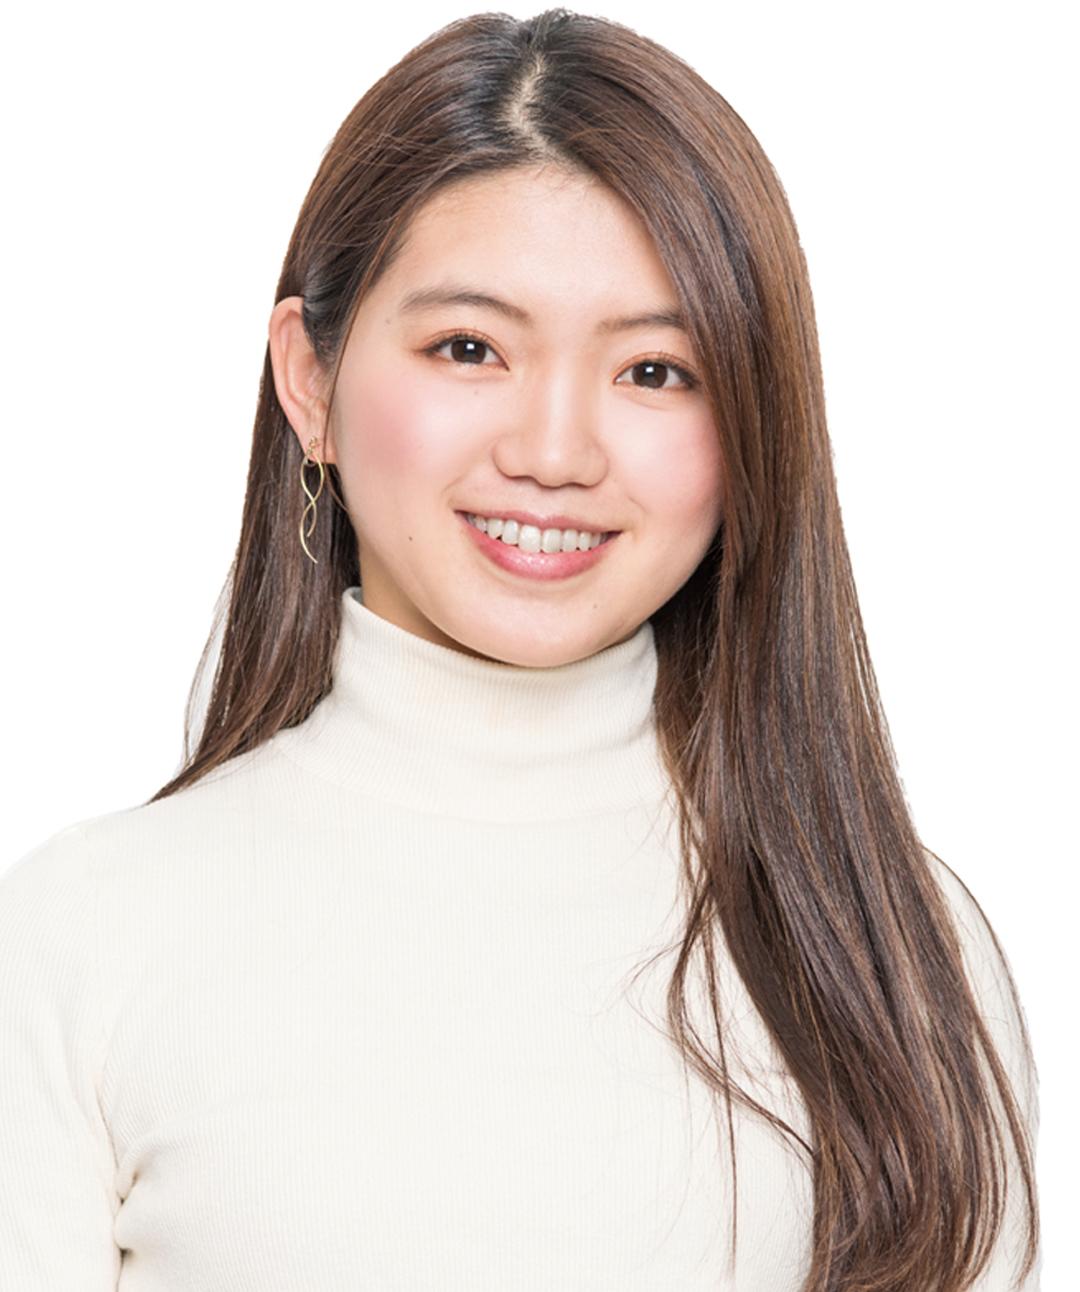 祝♡ 新加入! 5期生のブログをまとめてチェック【カワイイ選抜】_1_13-14